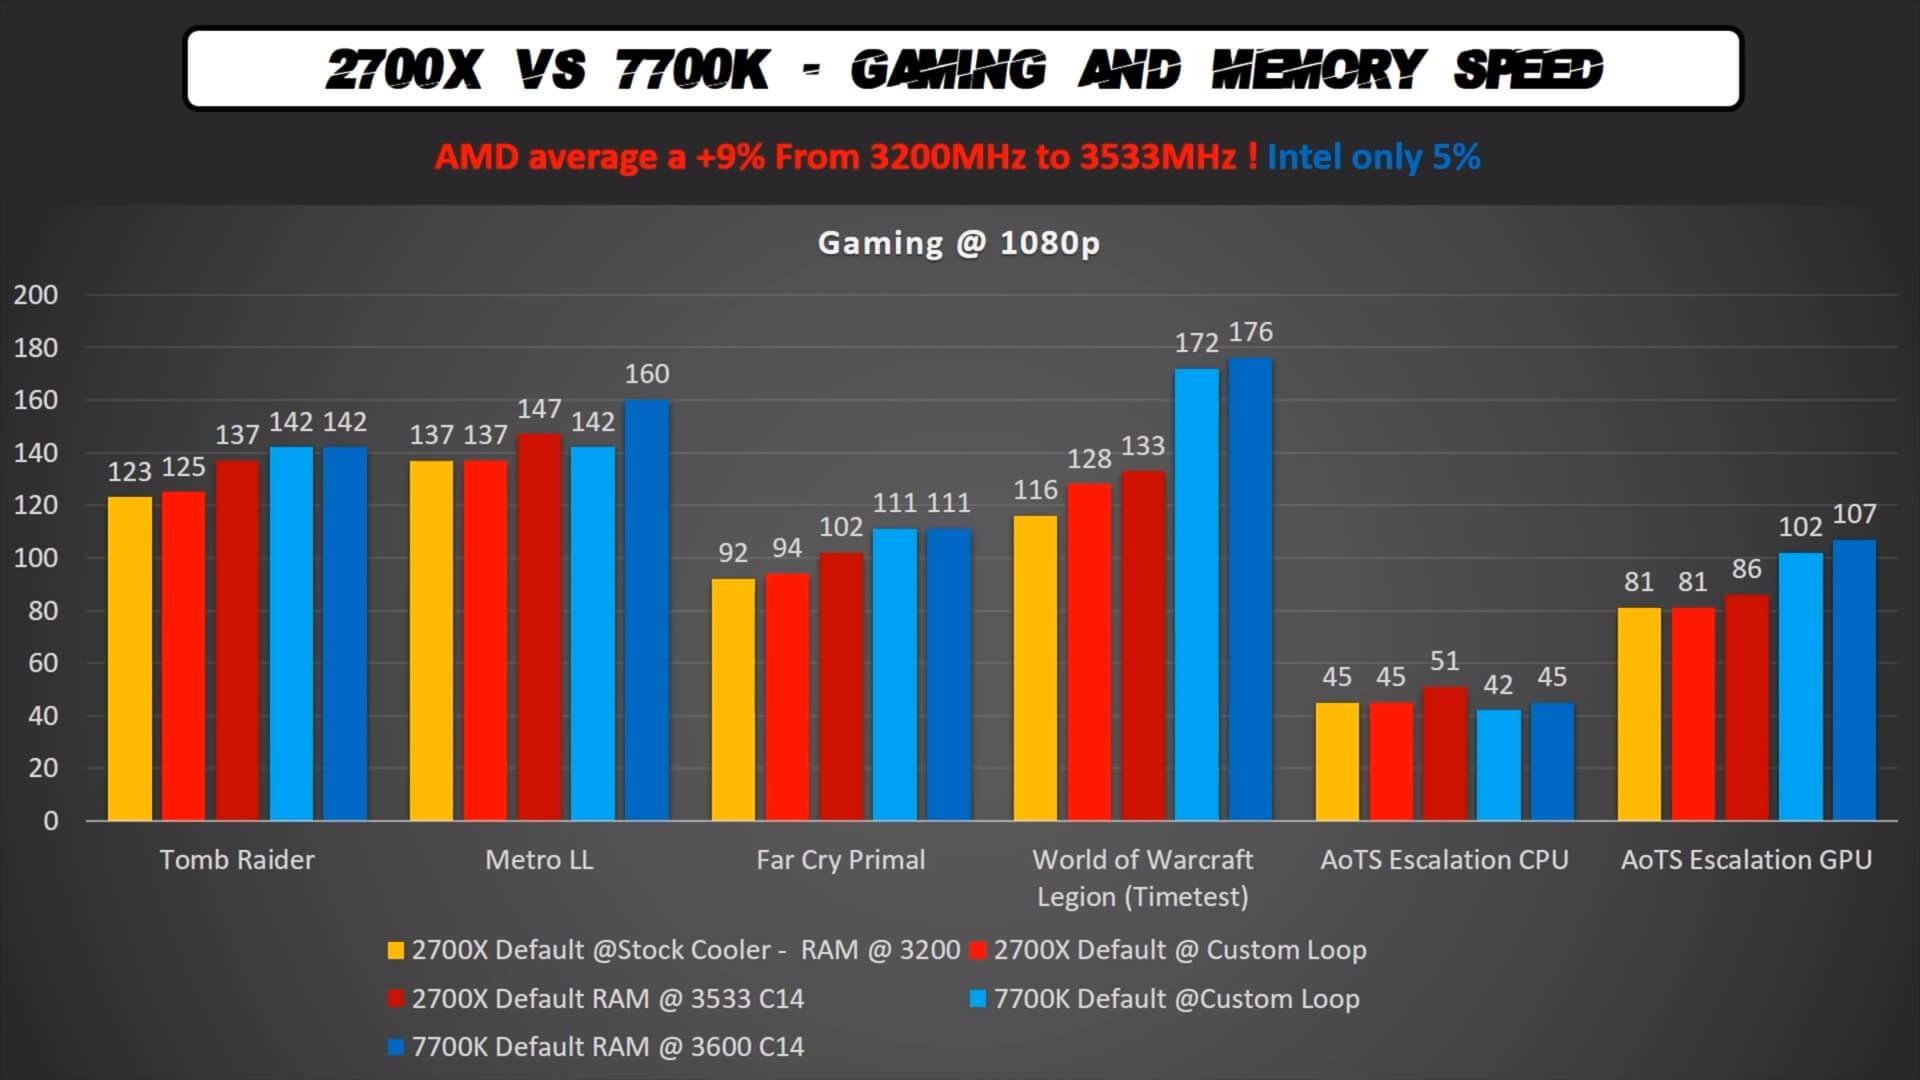 AMD Ryzen 7 2700X is 10% faster than the AMD Ryzen 7 1700 in